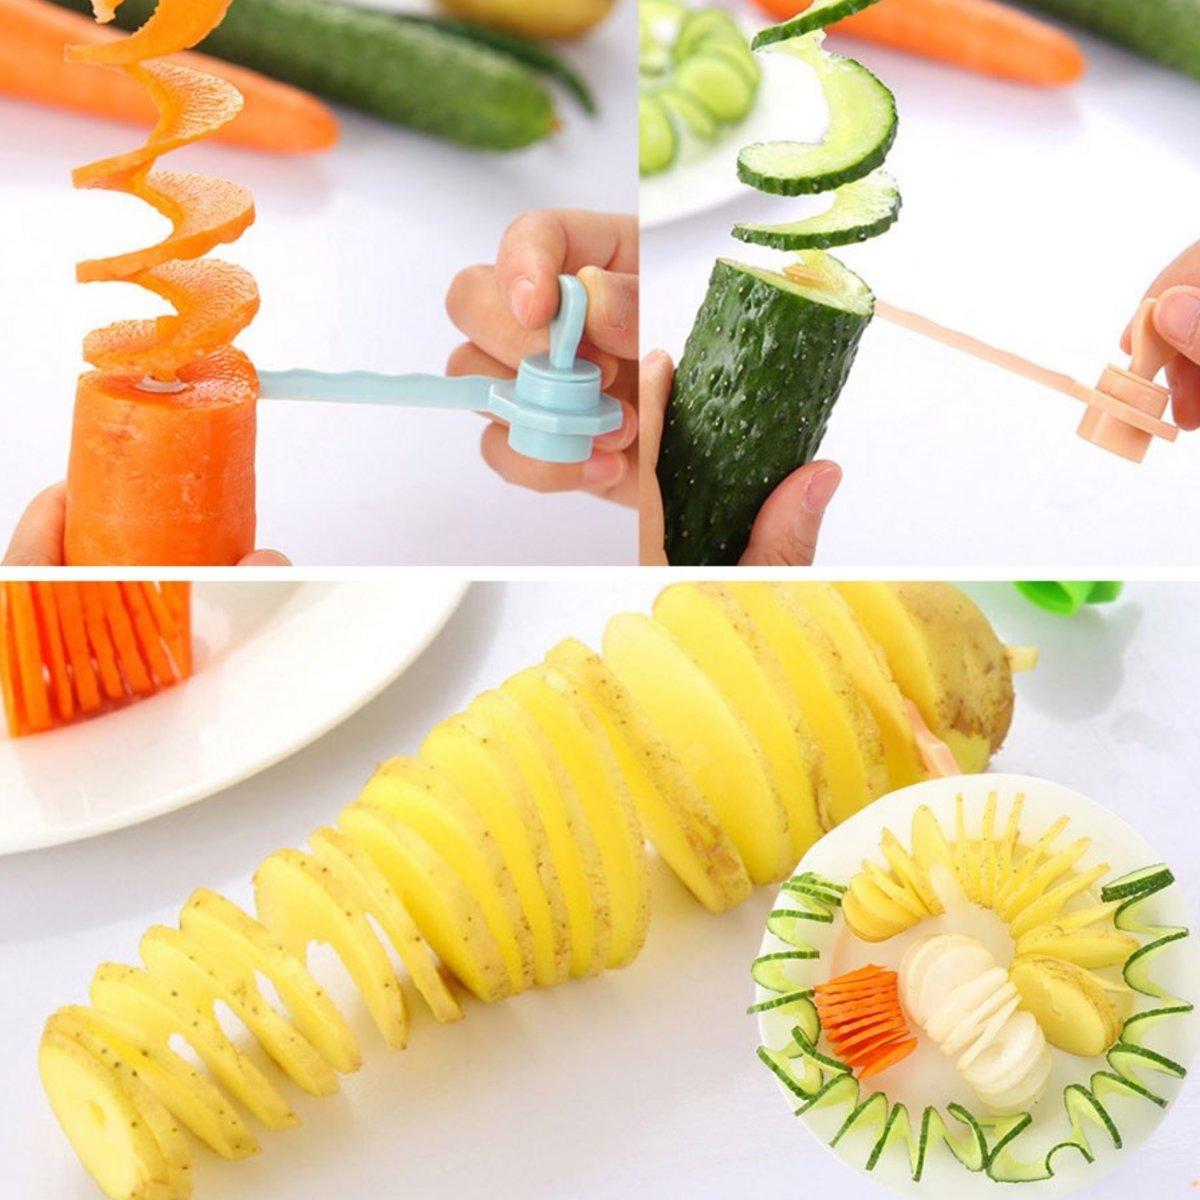 Aardappel Slicer Blauw Spirello / Aardappel twister Spiraal snijder Groente Fruit kopen